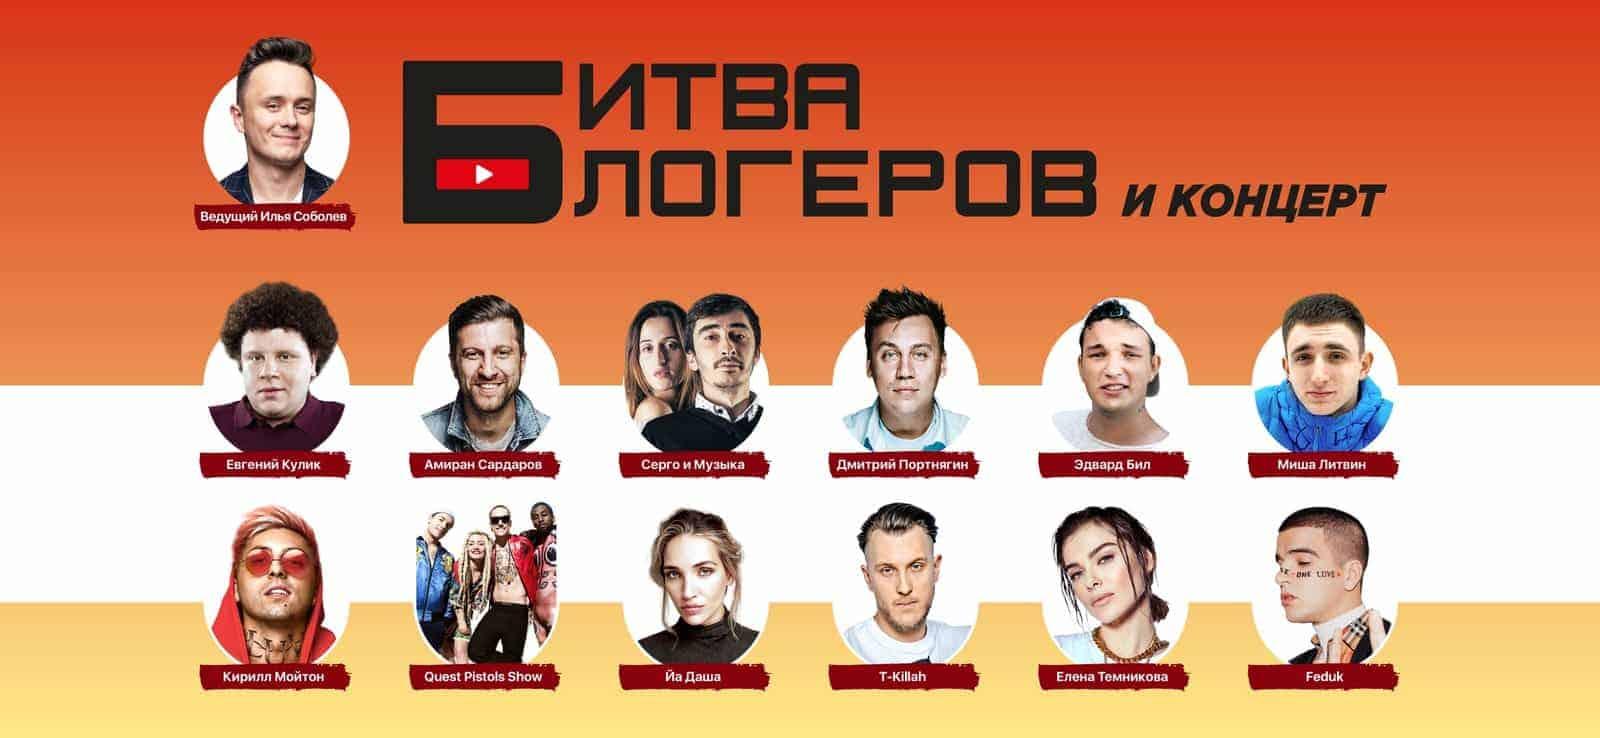 Битва блогеров в Москве